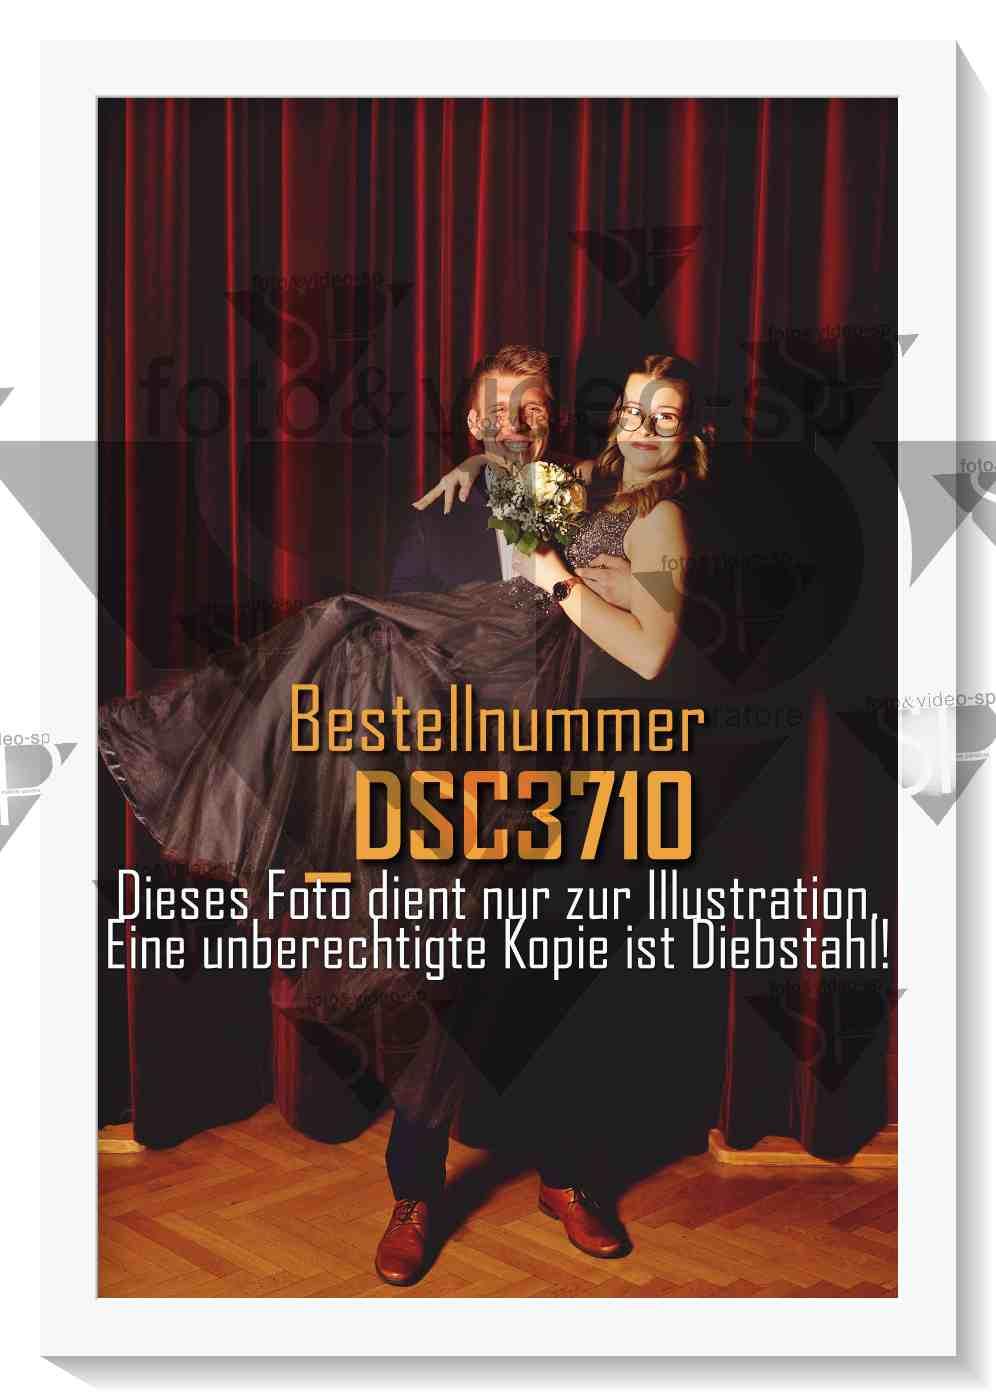 DSC3710